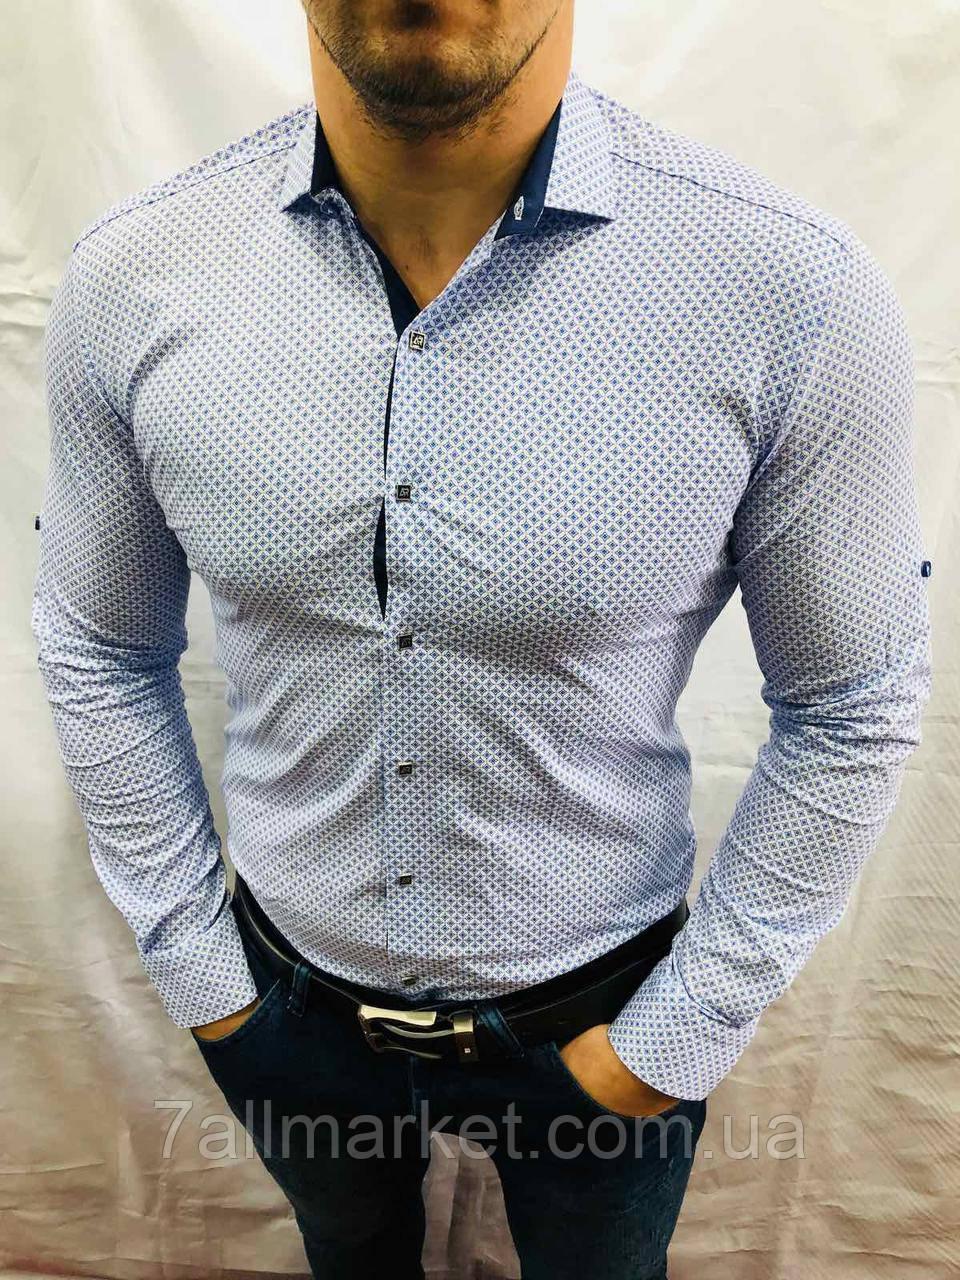 """Сорочка чоловіча з довгим рукавом, принт, розміри M-3XL (5 кол) """"A. ROSSI"""" купити недорого від прямого постачальника"""